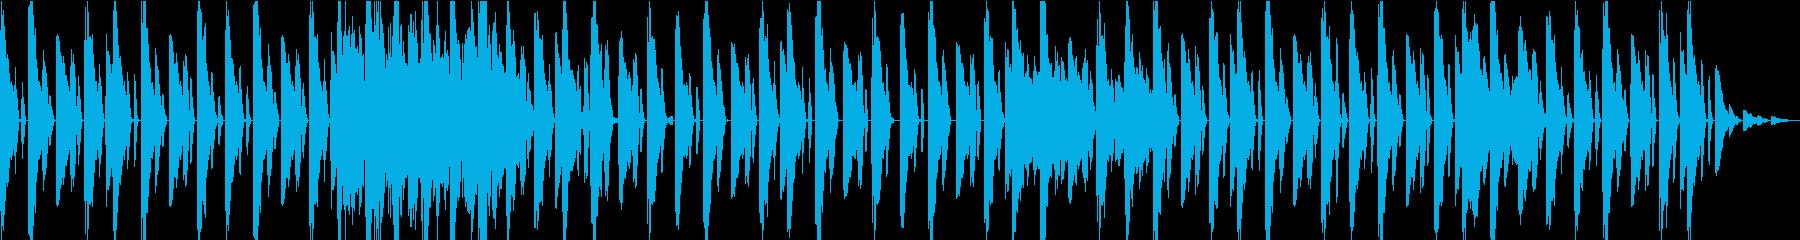 ダークパルスグルーヴには、一種のフ...の再生済みの波形